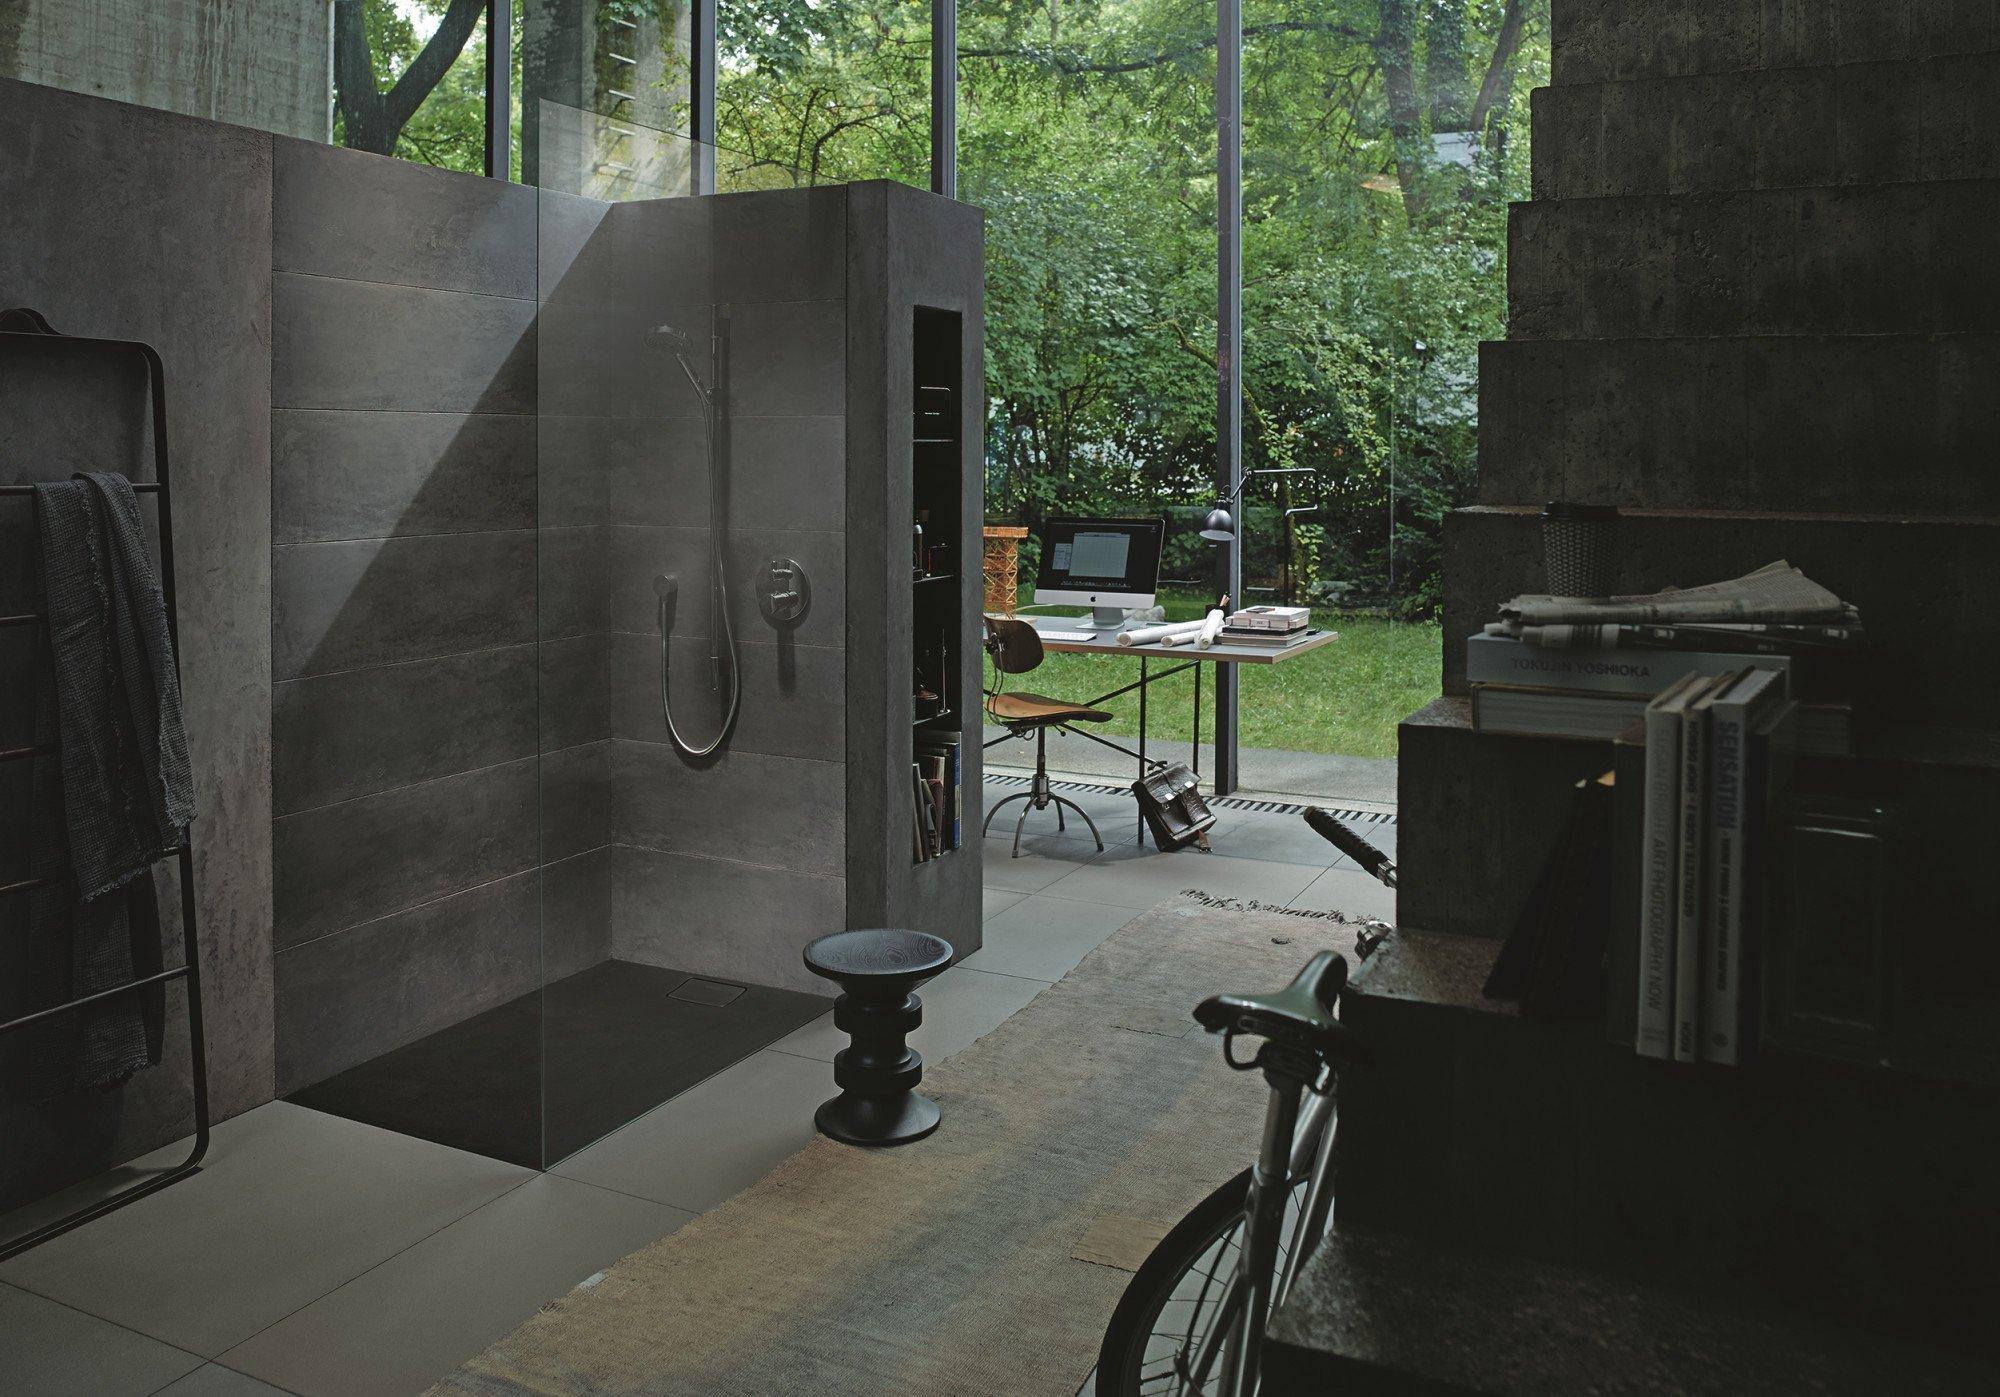 dusch wc mit konischer front bad und sanit r news. Black Bedroom Furniture Sets. Home Design Ideas